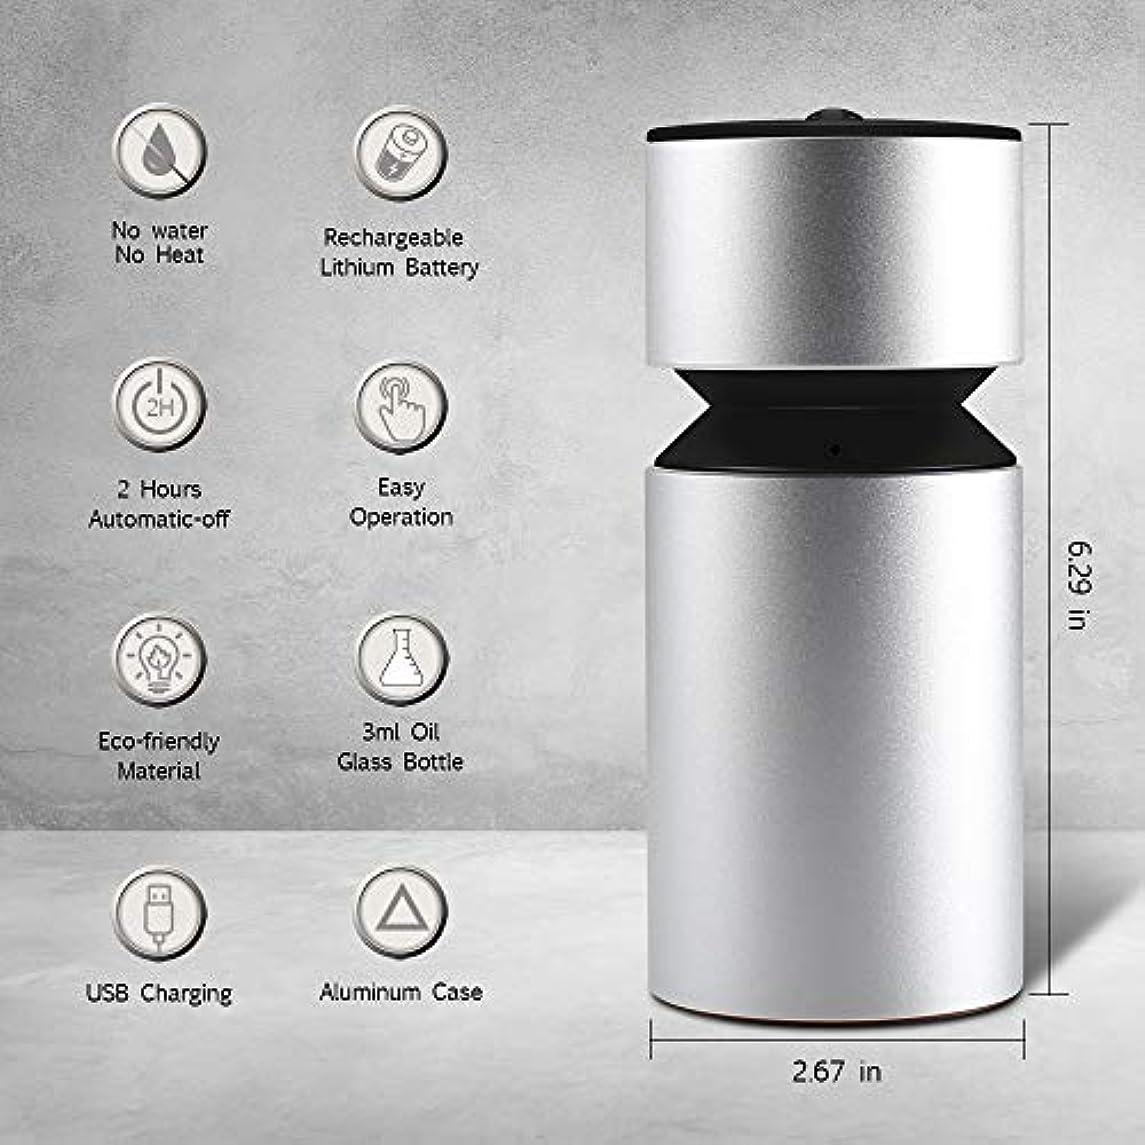 正義施設幾何学超音波アロマディフューザー、噴霧オイルディフューザー、ミニ3.0 USB充電式ネブライザーアロマアロマアロマ用アロマ